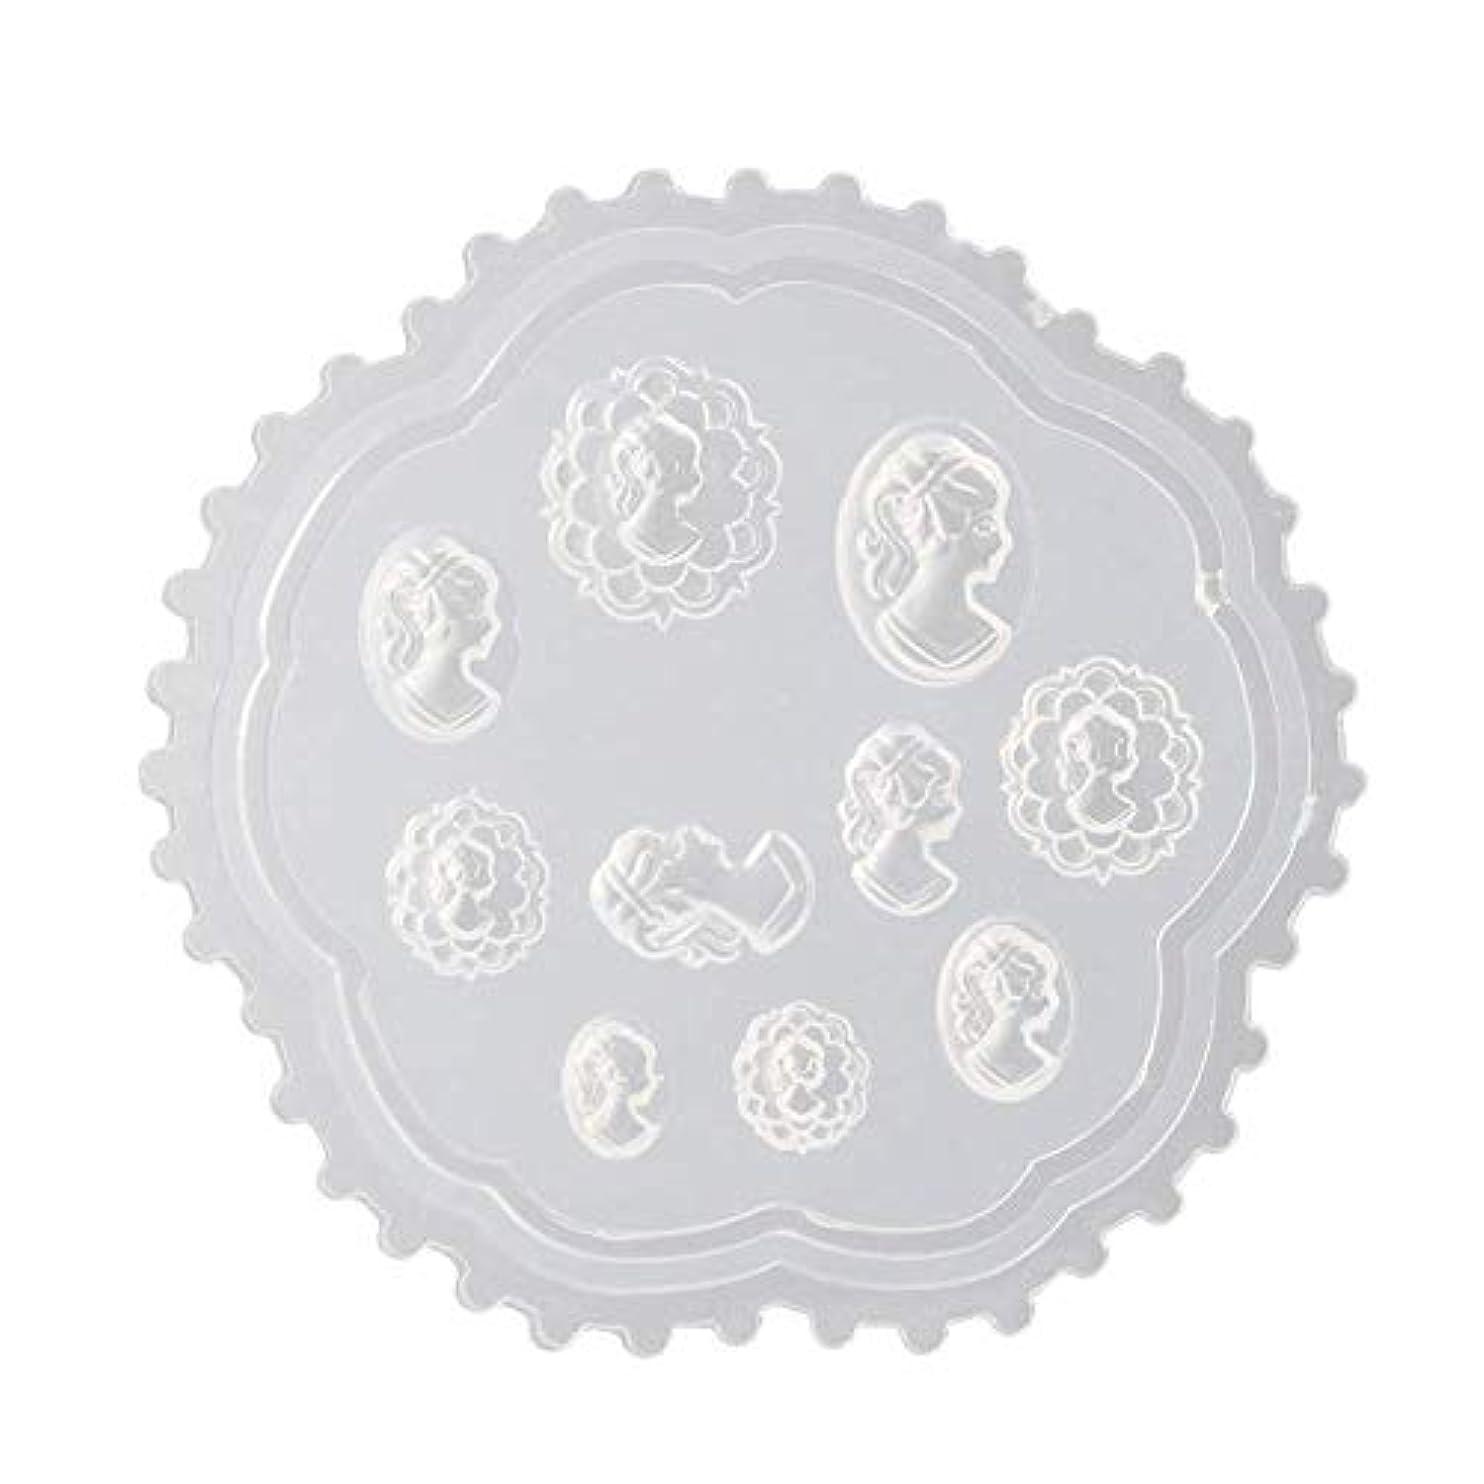 ダイエット年齢芸術的coraly 3Dシリコンモールド ネイル 葉 花 抜き型 3Dネイル用 レジンモールド UVレジン ネイルパーツ ジェル ネイル セット アクセサリー パーツ 作成 (2)